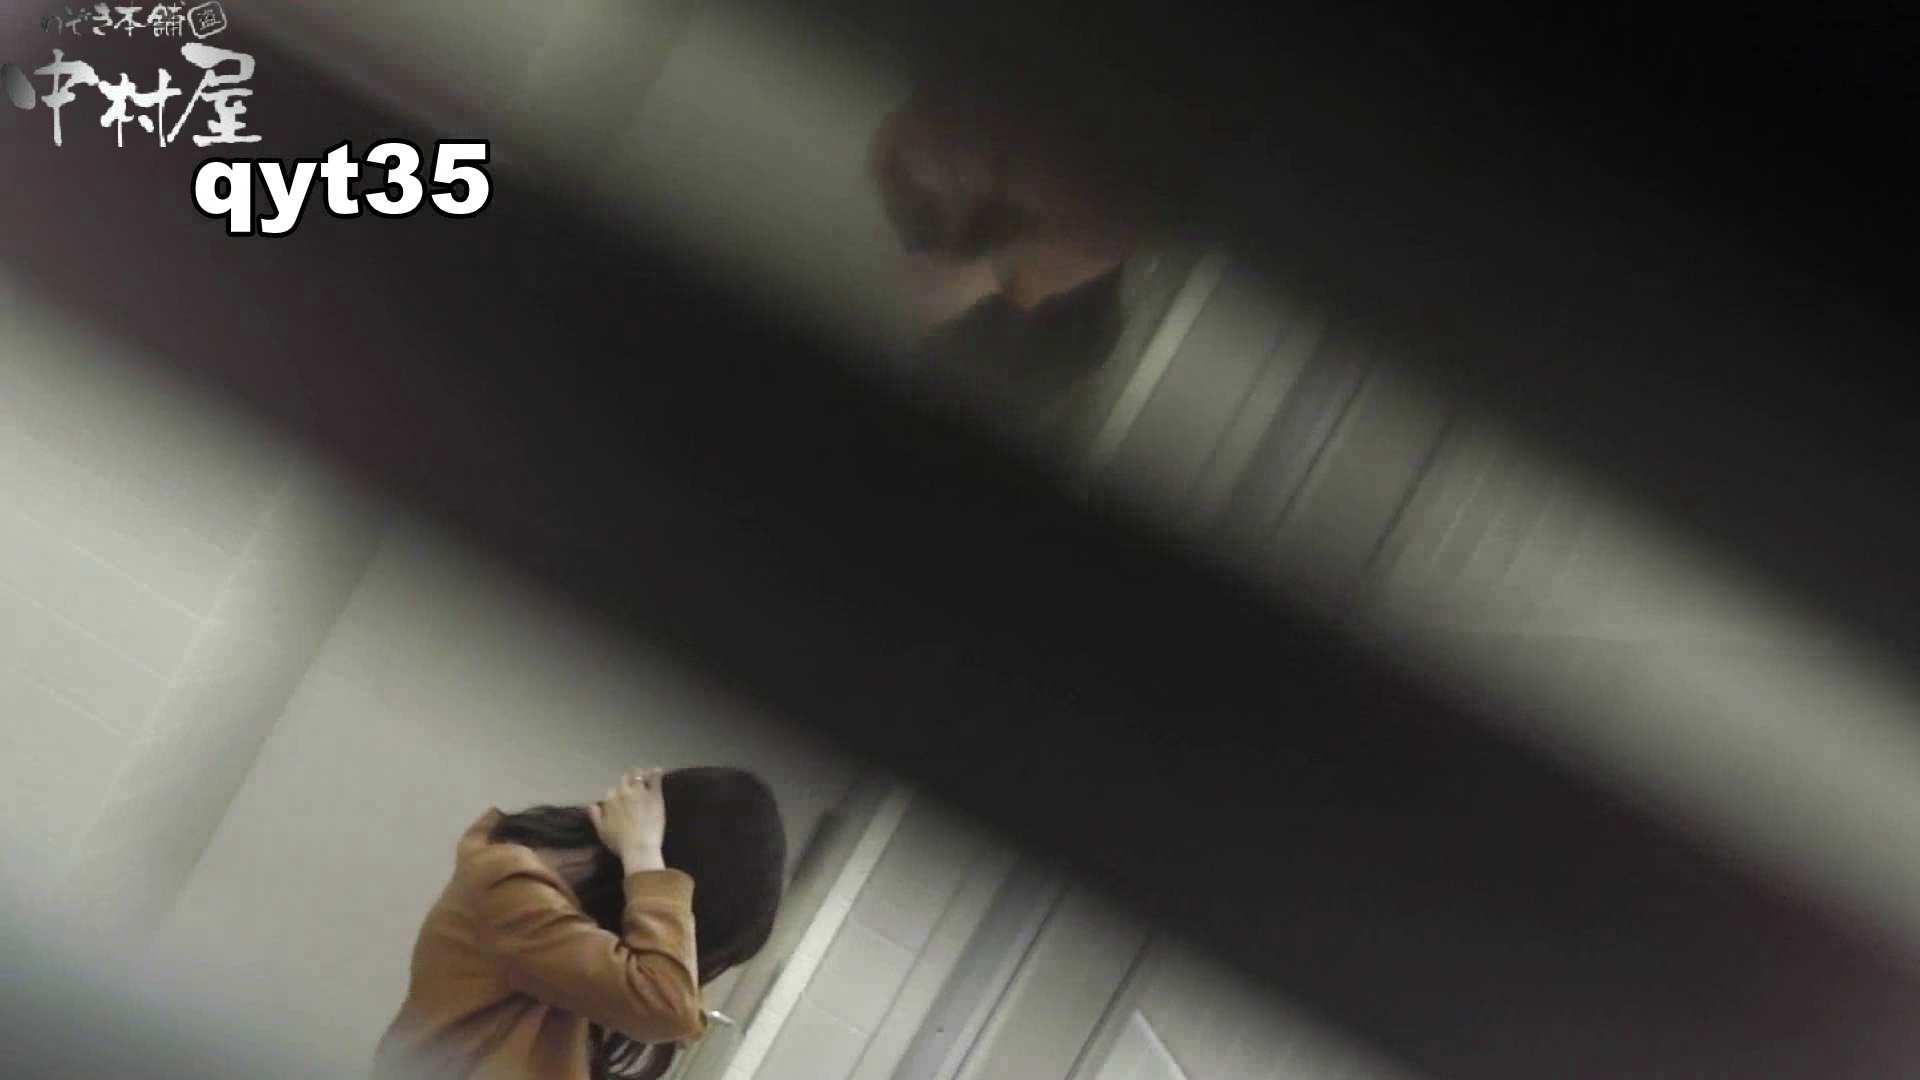 【お銀さんの「洗面所突入レポート!!」】お銀さんの「洗面所突入レポート!!」 vol.35 広げると出ます 洗面所  11枚 2